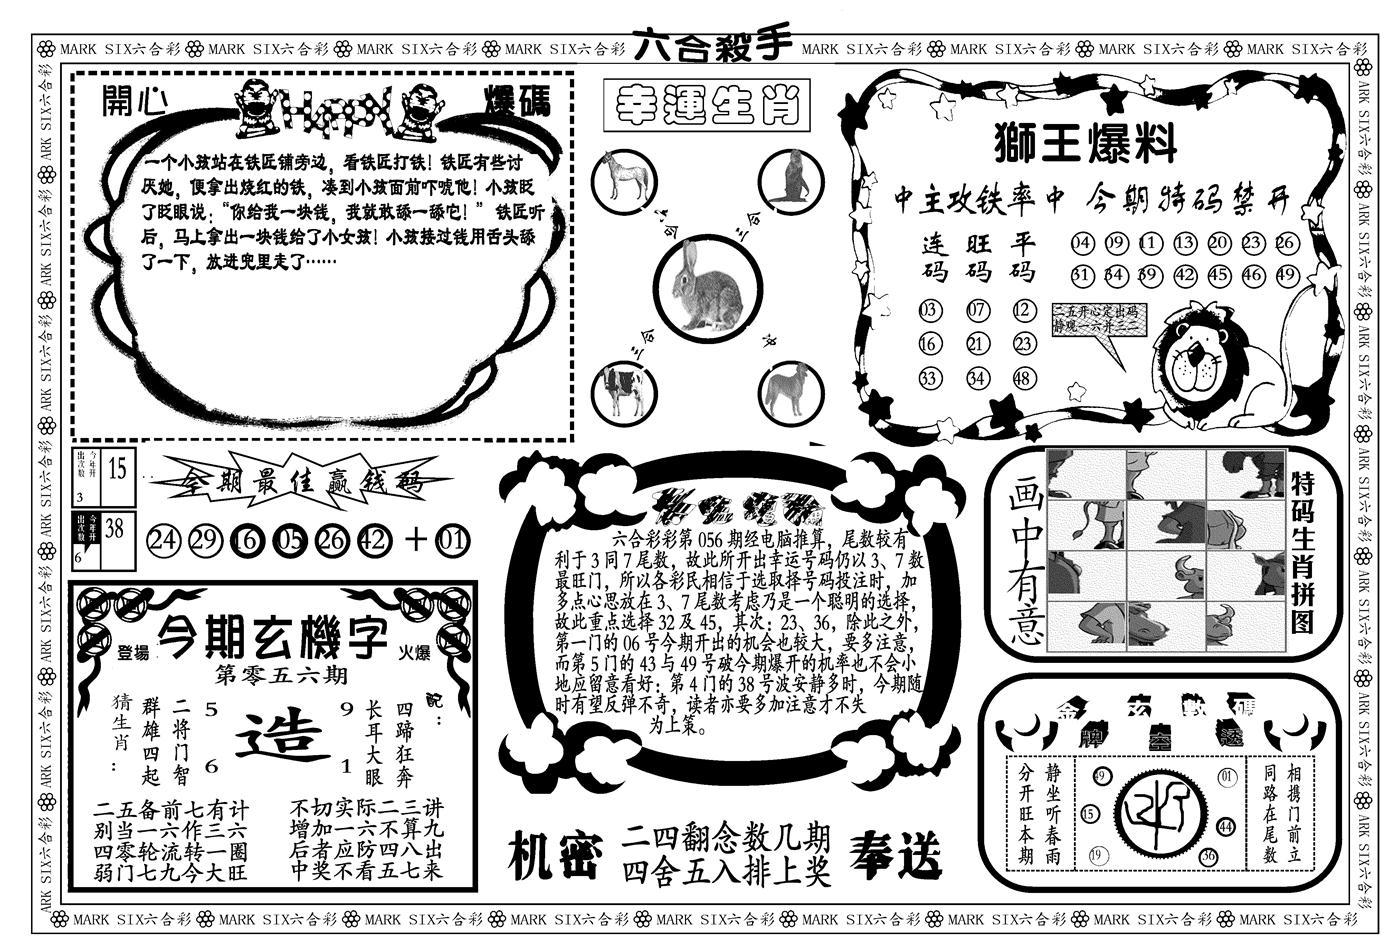 056期新六合杀手B(黑白)